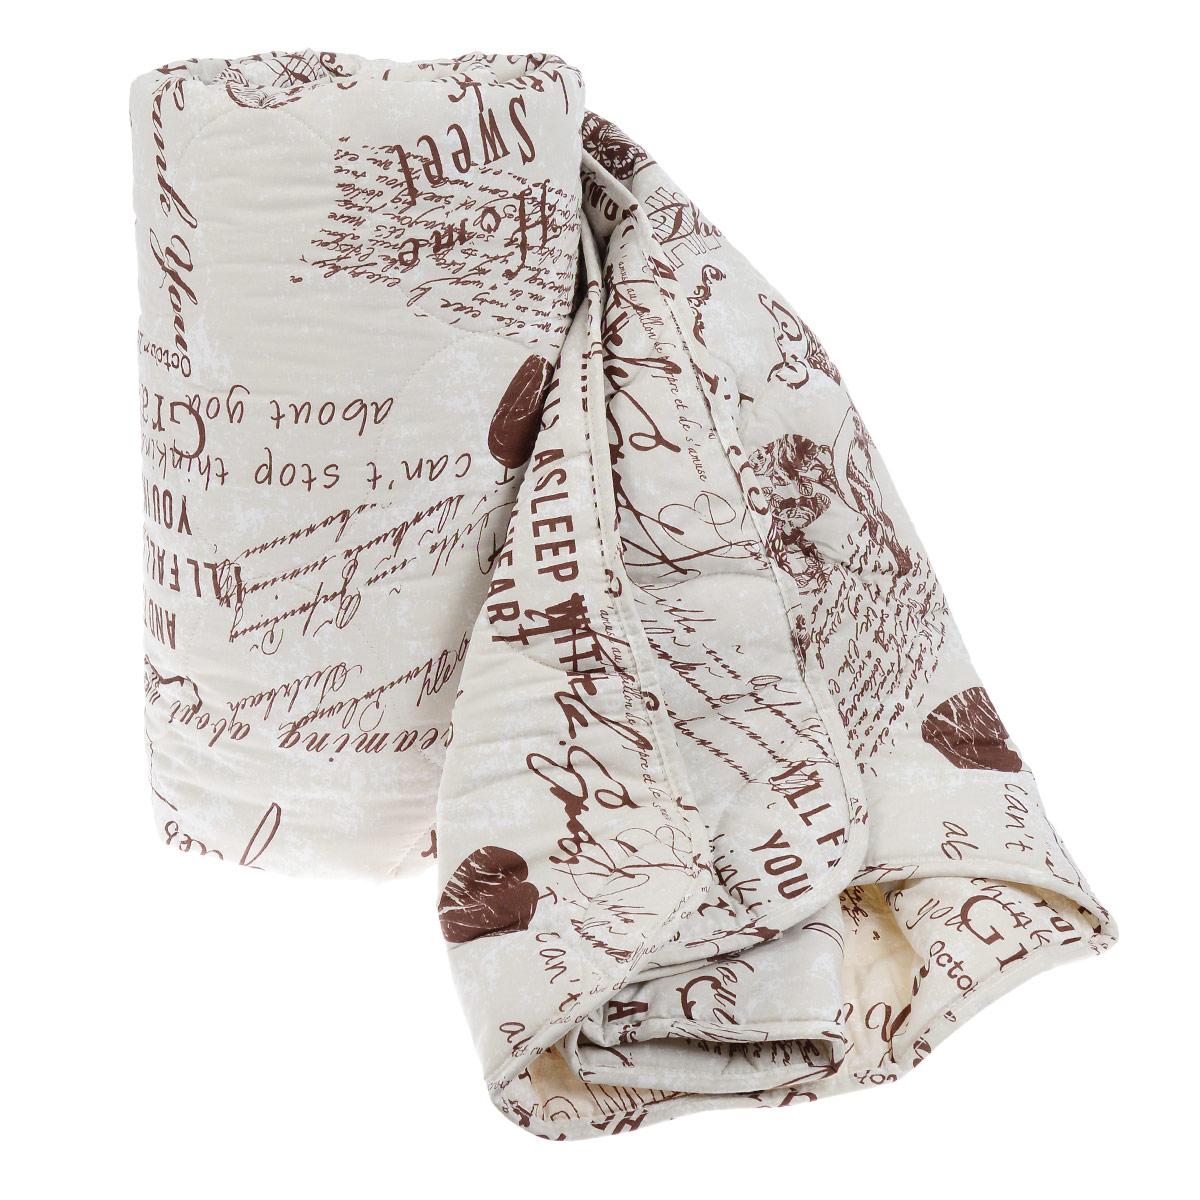 Одеяло Comfort Line, наполнитель: шерсть мериноса, 200 см х 220 см183680Классическое одеяло Comfort Lineподарит вам незабываемое чувство комфорта и умиротворения. Чехол выполнен из натурального хлопка. Внутри - наполнитель из мериносовой шерсти. Одеяло постоянно поддерживает нужную температуру: оно греет зимой и дает прохладу летом. Одеяло Comfort Line помогает просыпаться бодрыми и полными сил. Оно разработано специально для активных людей, заботящихся о своём здоровье, проводящих много времени у компьютера. Изделия из мериносовой шерсти великолепно стимулирует кровообращение, помогают людям, страдающим остеохондрозом, ревматизмом, бронхиальными недугами. Одеяло упаковано в пластиковую сумку-чехол, закрывающуюся на застежку-молнию. Рекомендации по уходу: - Нельзя стирать в стиральной машине. - Не отбеливать. - Не гладить. - Нельзя выжимать и сушить в стиральной машине.- Чистка с использованием углеводорода и трифло-трихлорметана. Материал чехла: 100% хлопок. Наполнитель: меринос (шерсть 70%, полиэстер 30%). Размер: 200 см х 220 см.Плотность: 300 г/м2.